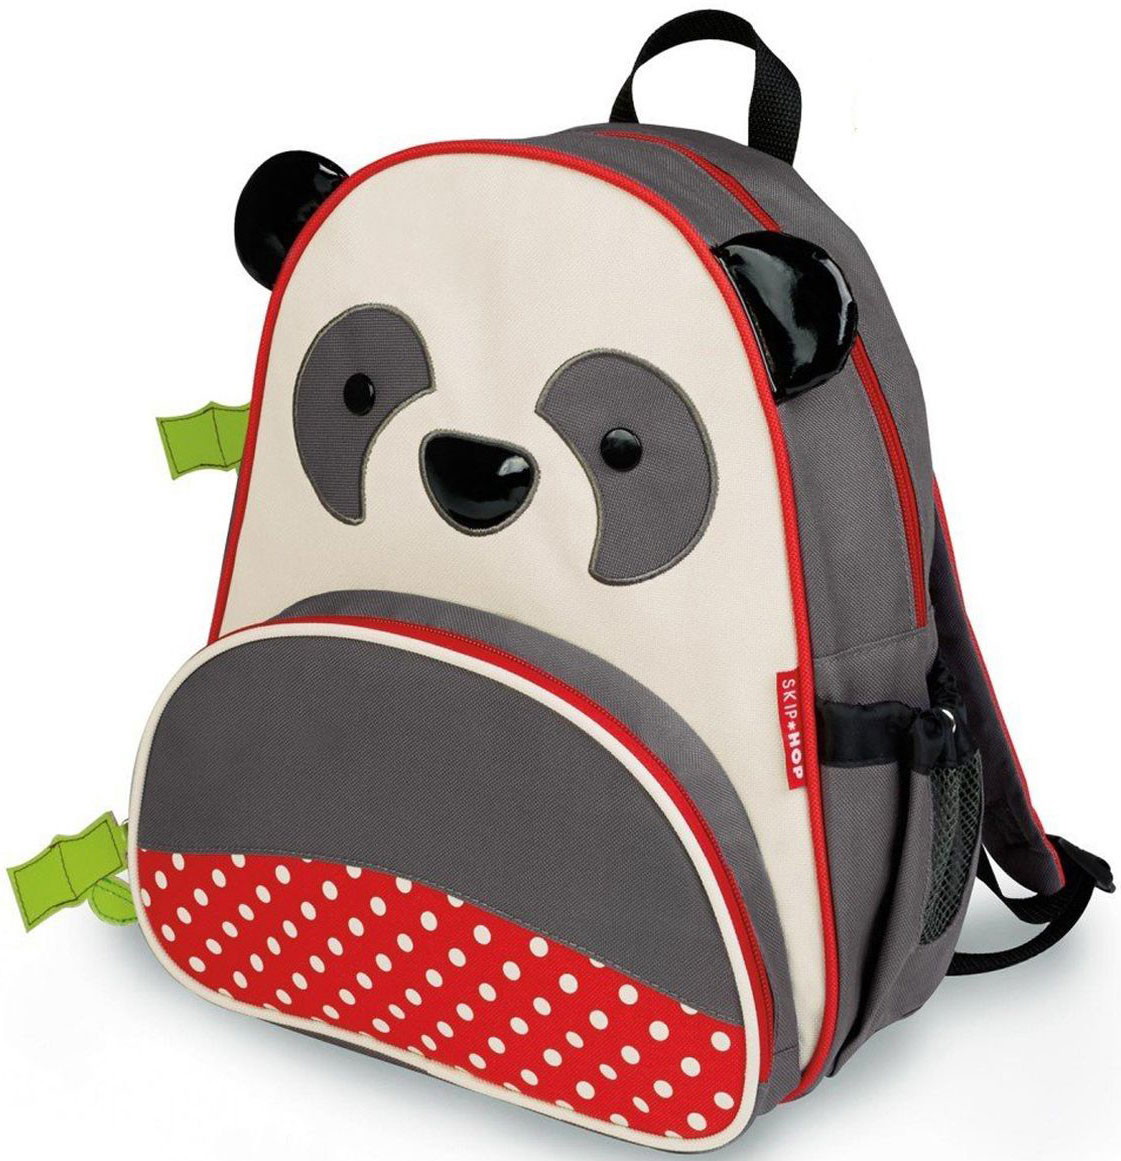 Skip Hop Рюкзак дошкольный Панда72523WDДошкольный рюкзак Skip Hop каждый день будет радовать вашего малыша, вызывать улыбки у прохожих и зависть у сверстников. С ним можно ходить в детский сад, на прогулку, в гости к бабушке или ездить на экскурсии.Рюкзак имеет одно основное отделение на застежке-молнии, в которое легко поместятся книжка, альбом для рисования, краски, фломастеры, любимая игрушка и контейнер с едой, а кармашек сбоку предназначен специально для бутылочки с водой. Передний карман на молнии предназначен для мелких вещей.Рюкзак оснащен ручкой для переноски в руках и лямками регулируемой длины.